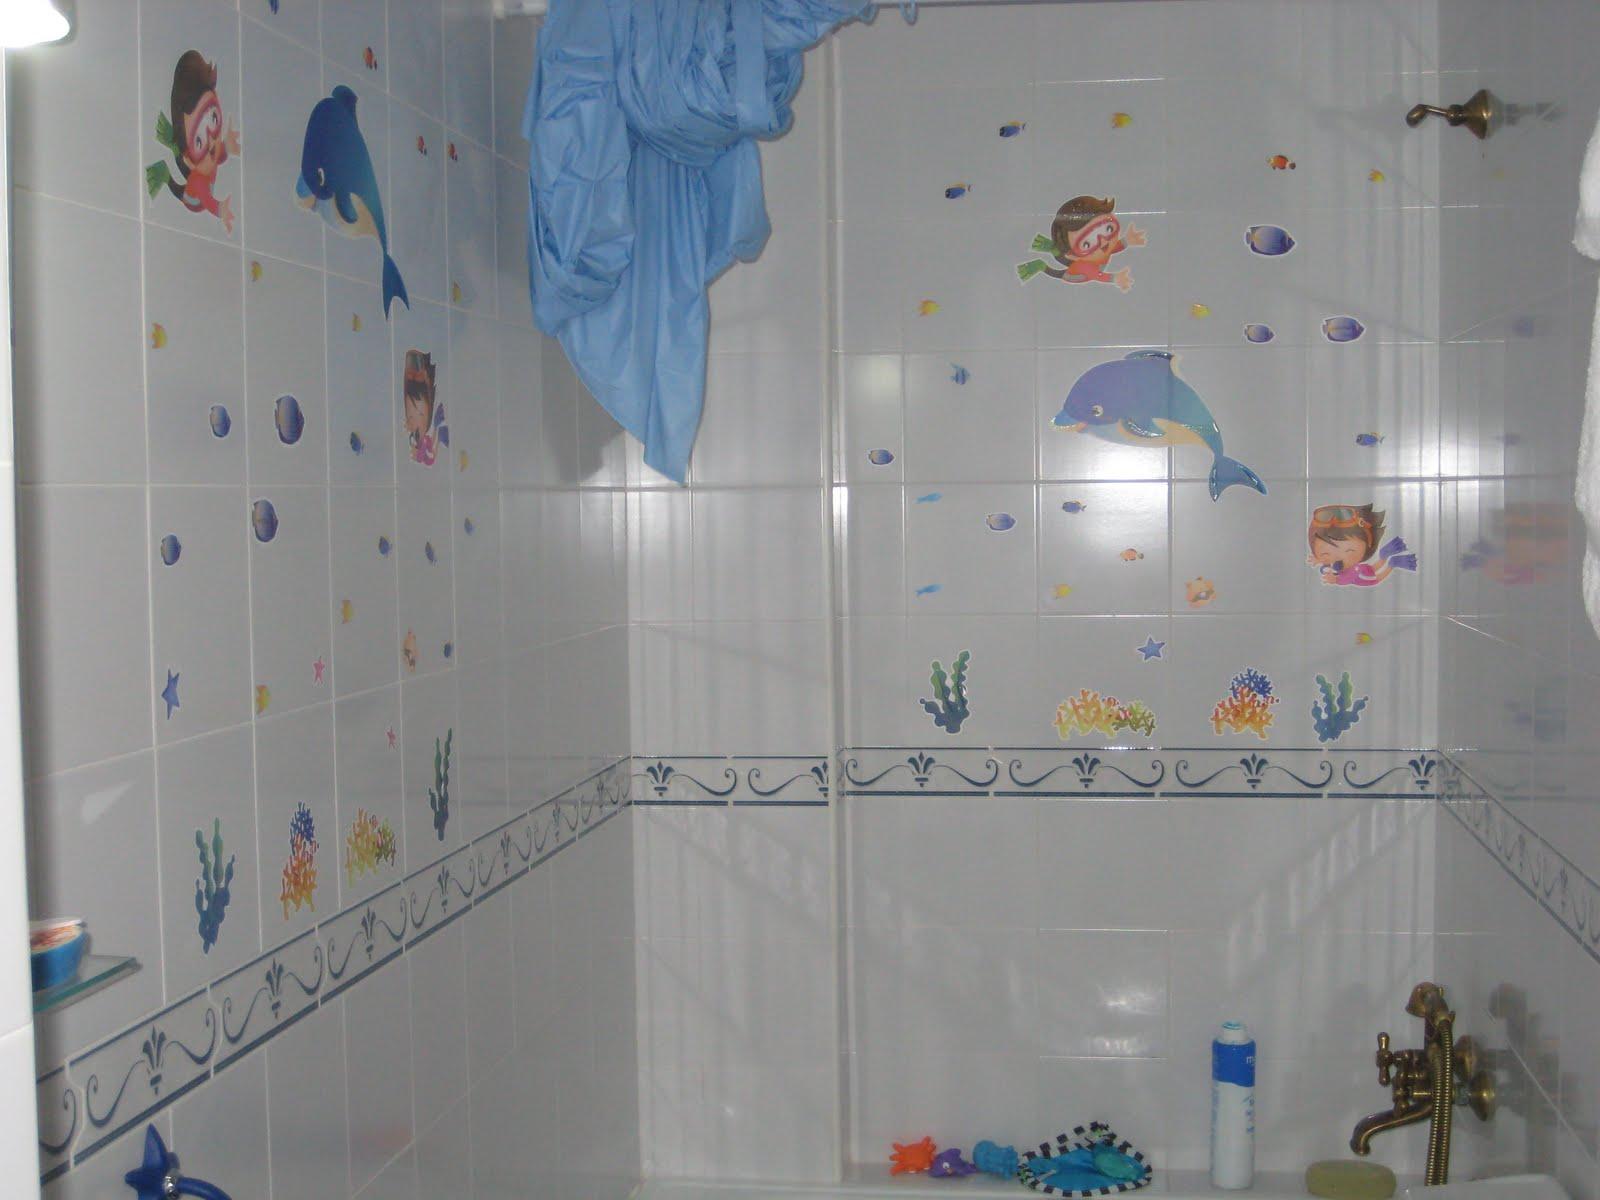 El mundo de deza decoraci n cambiar aspecto wc sin obra - Cambiar el bano sin obras ...